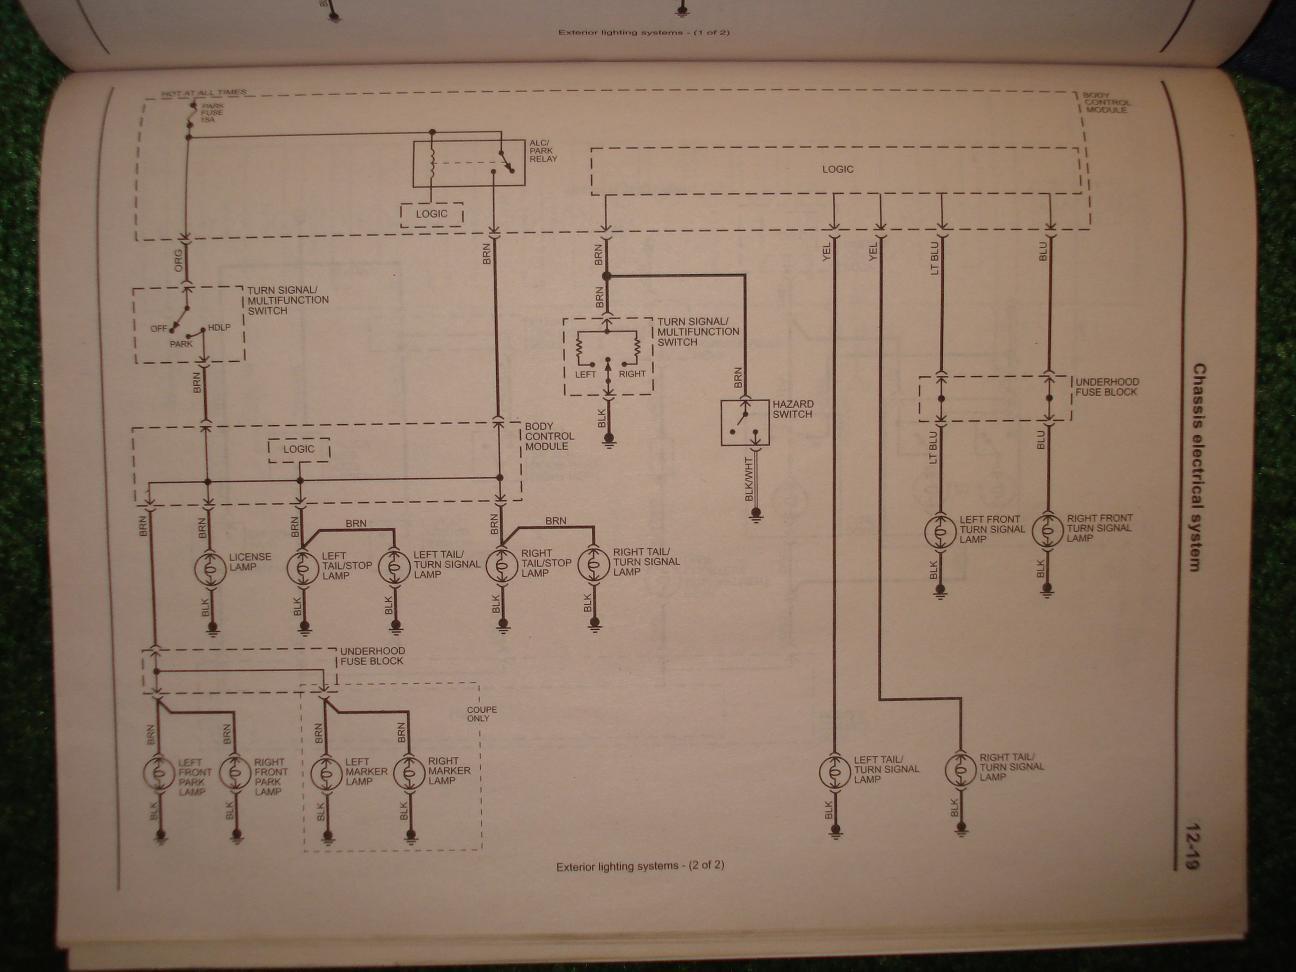 signal light flasher wiring diagram dpdt relay 4way hazard switch saturn ion redline